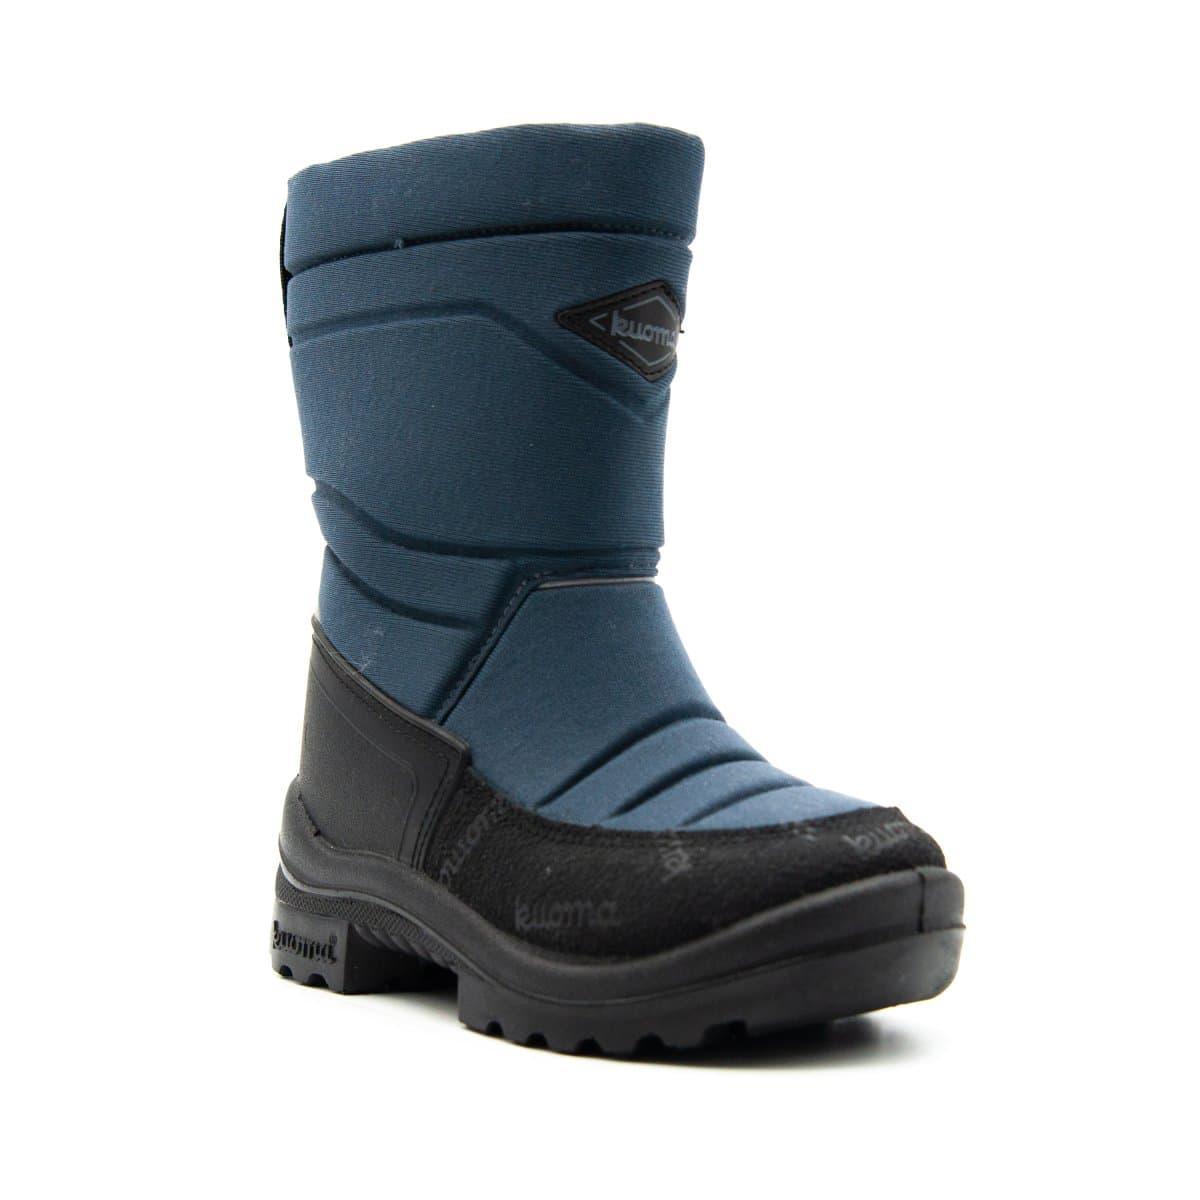 Обувь детская Kuoma Putkivarsi, Grey